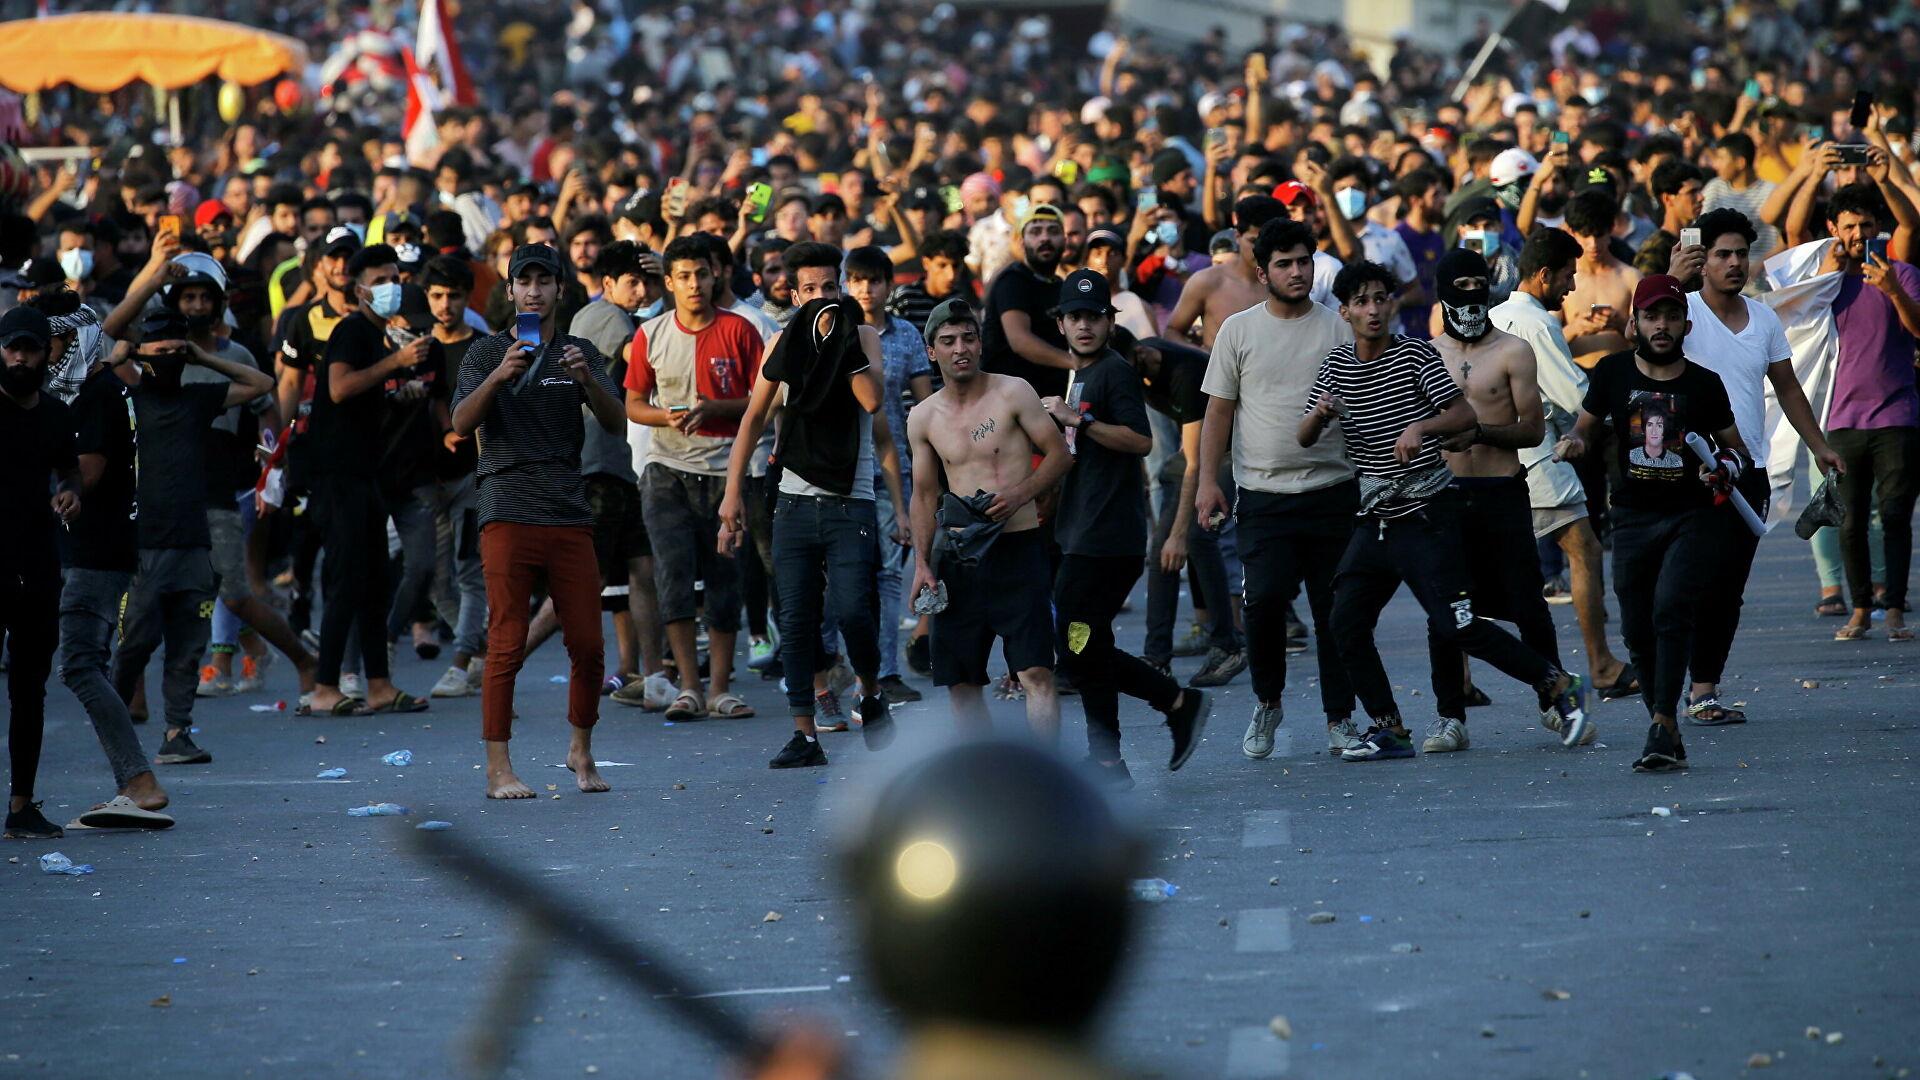 Источник сообщил о гибели протестующего на митинге в Багдаде